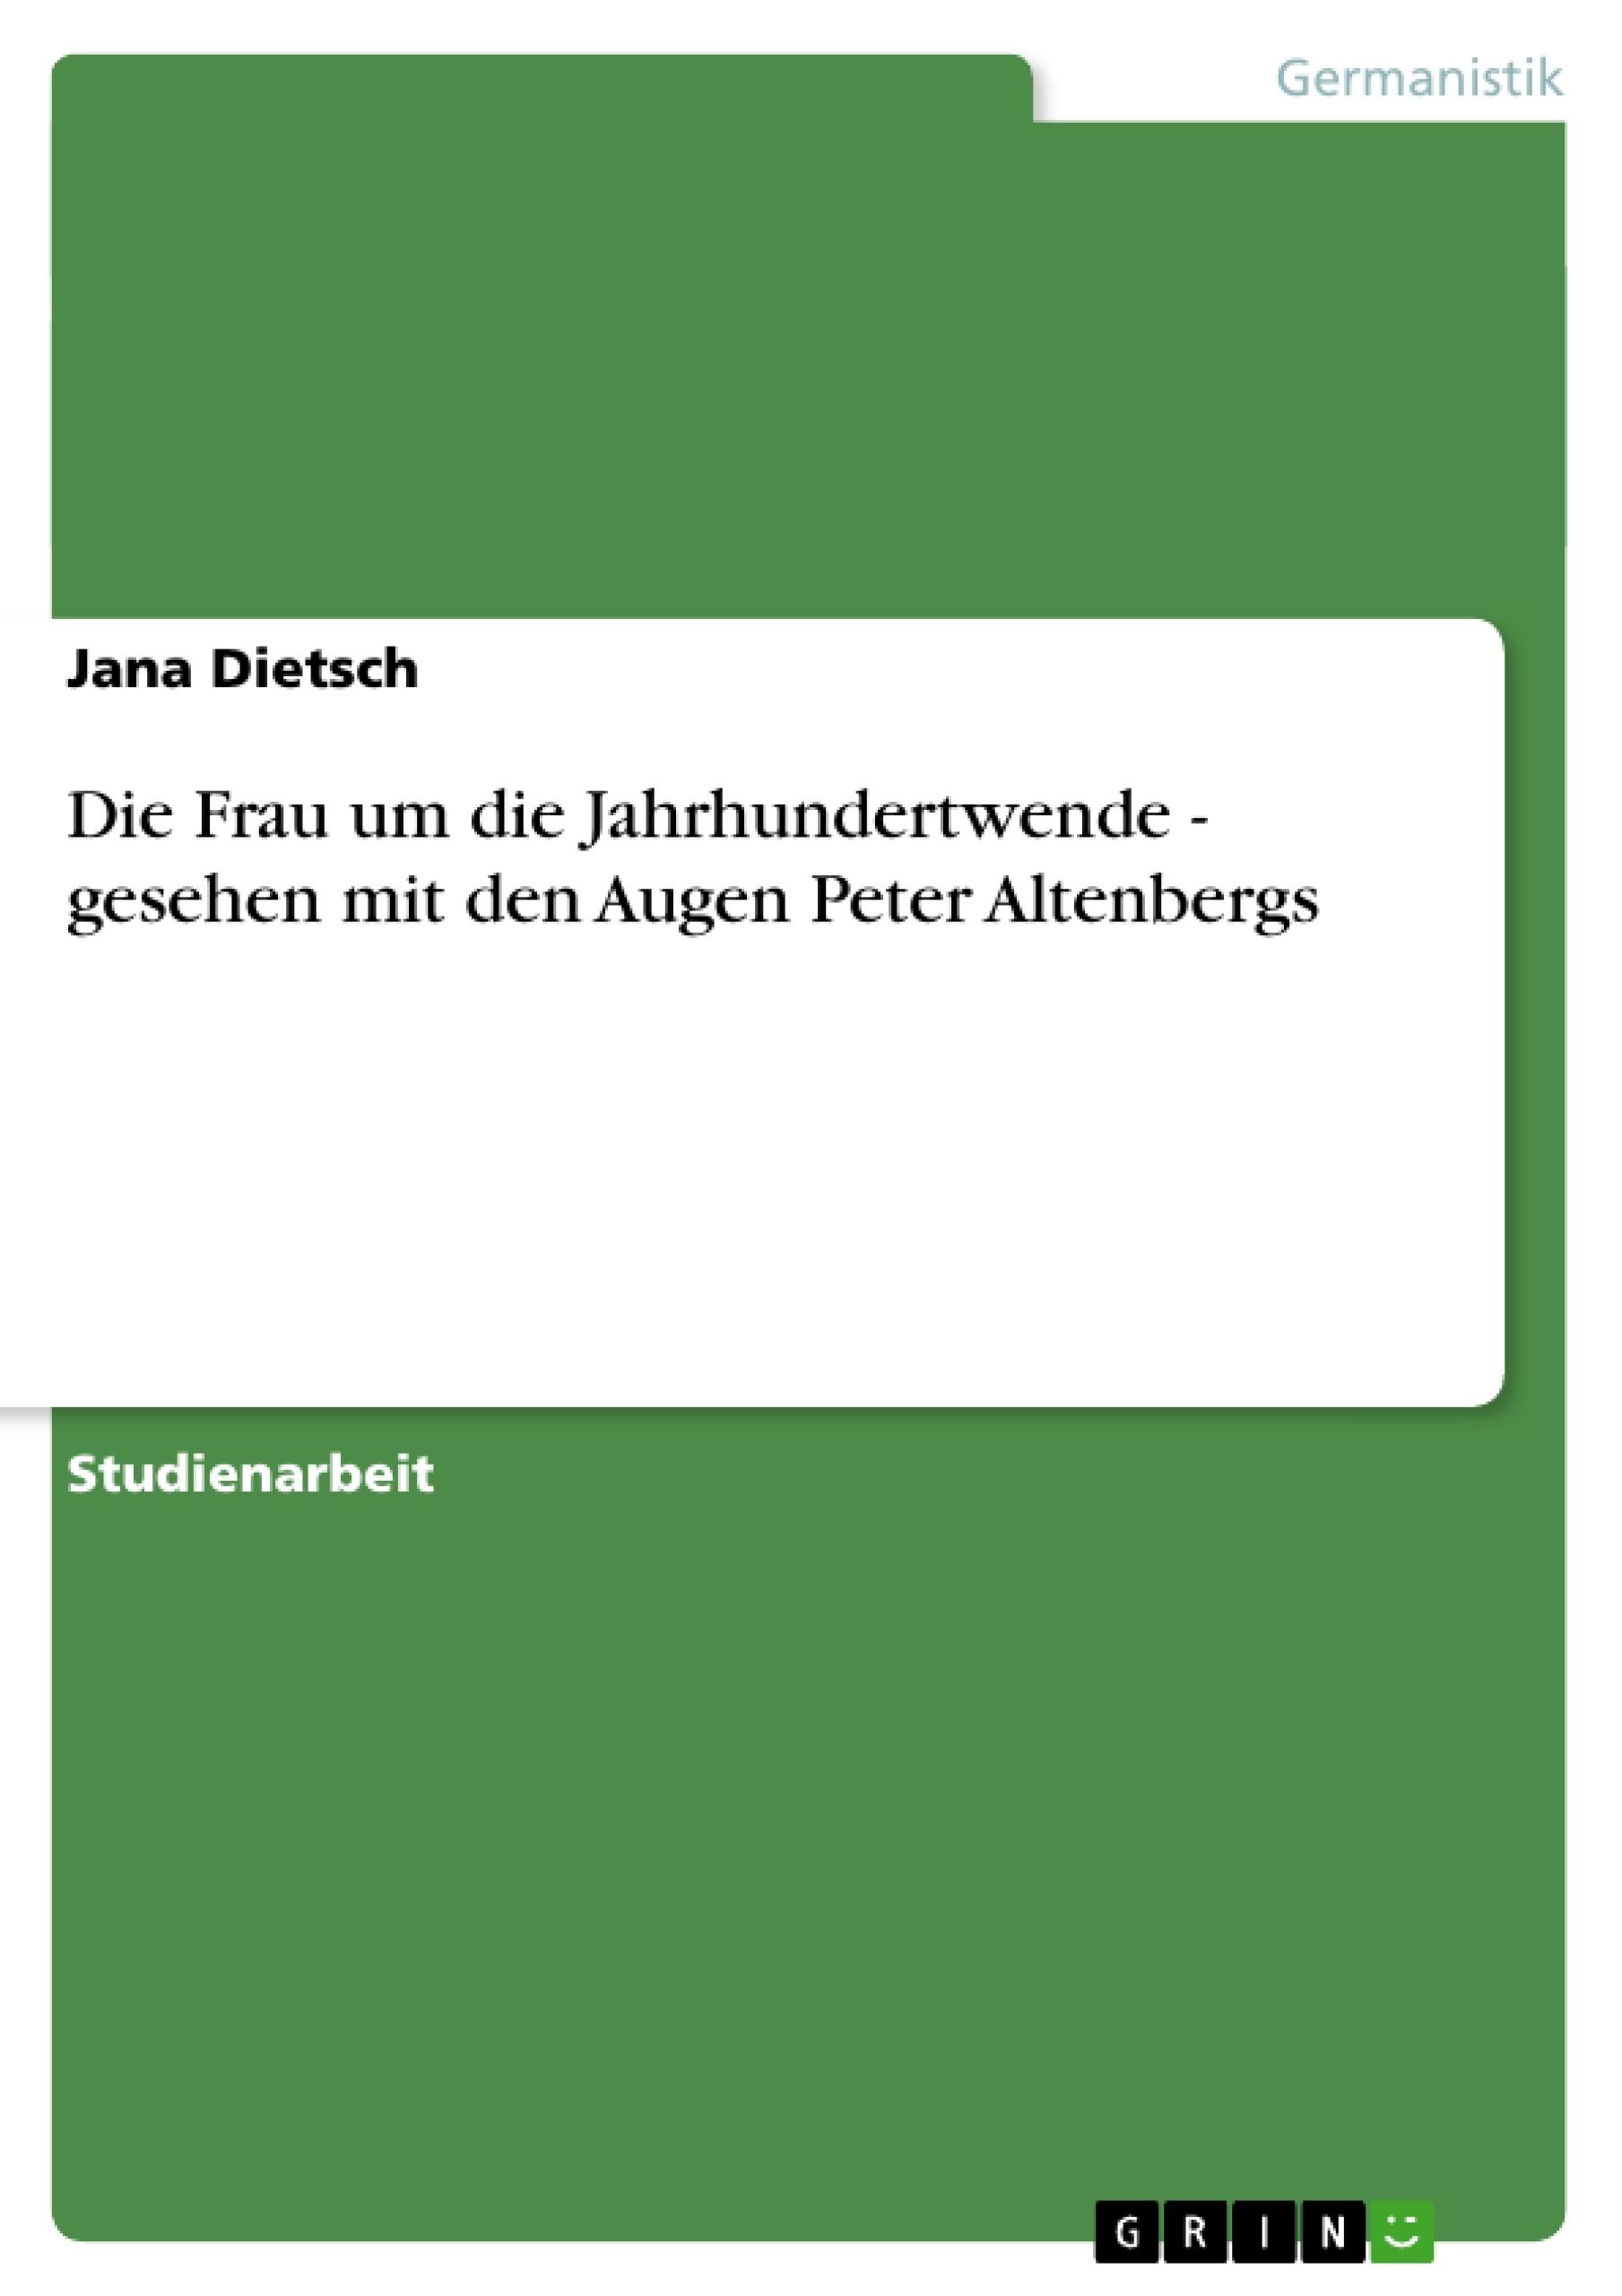 Titel: Die Frau um die Jahrhundertwende - gesehen mit den Augen Peter Altenbergs